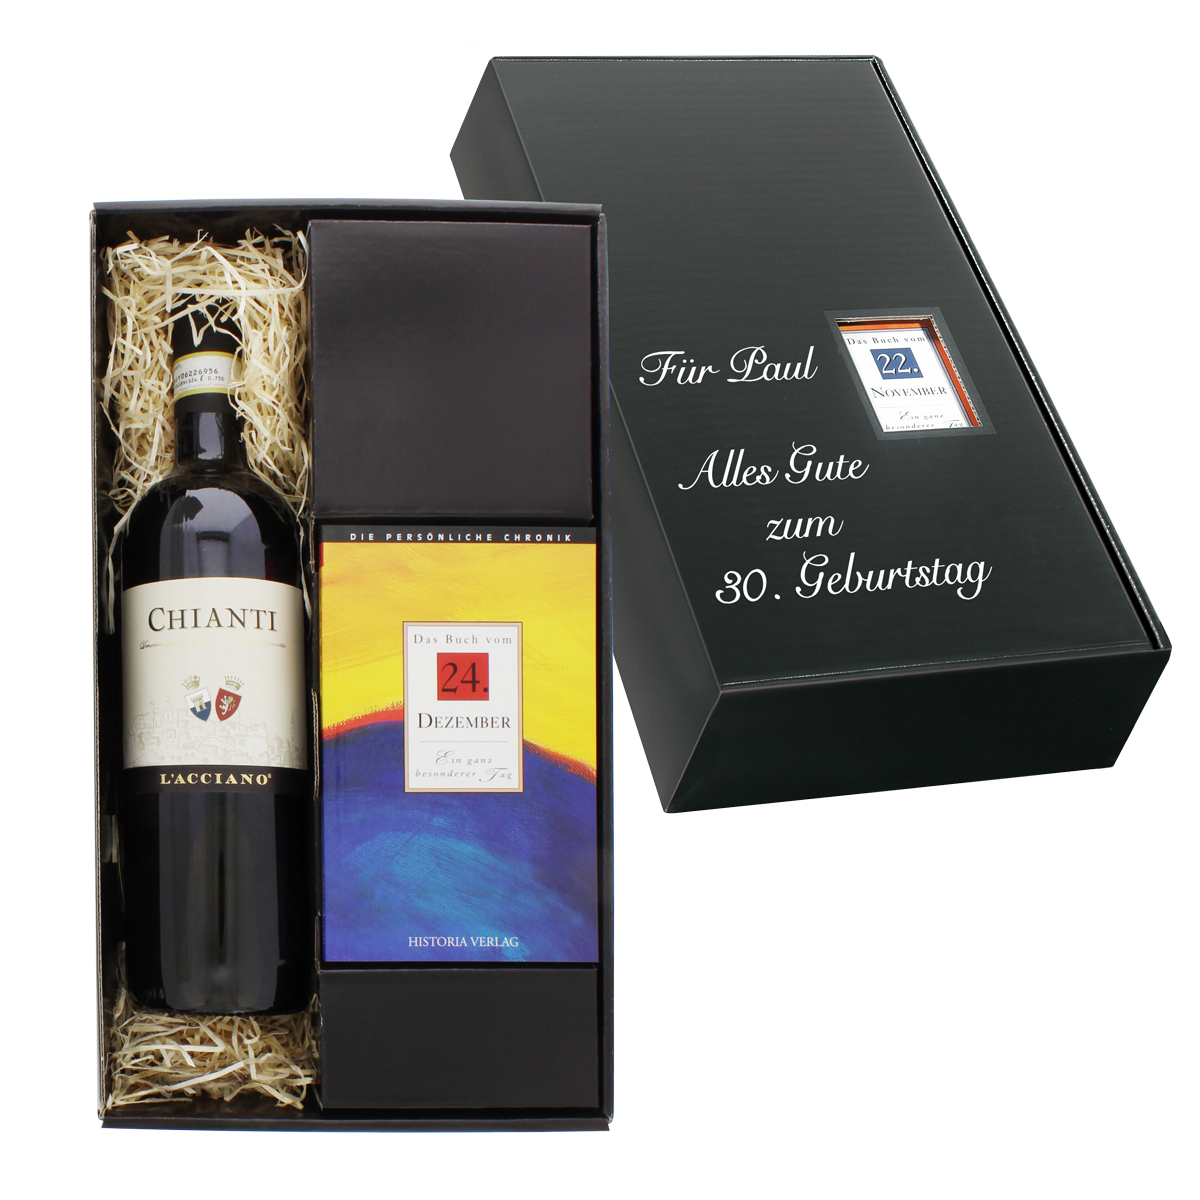 Italien-Set: Tageschronik vom 10. August & Chianti-Wein